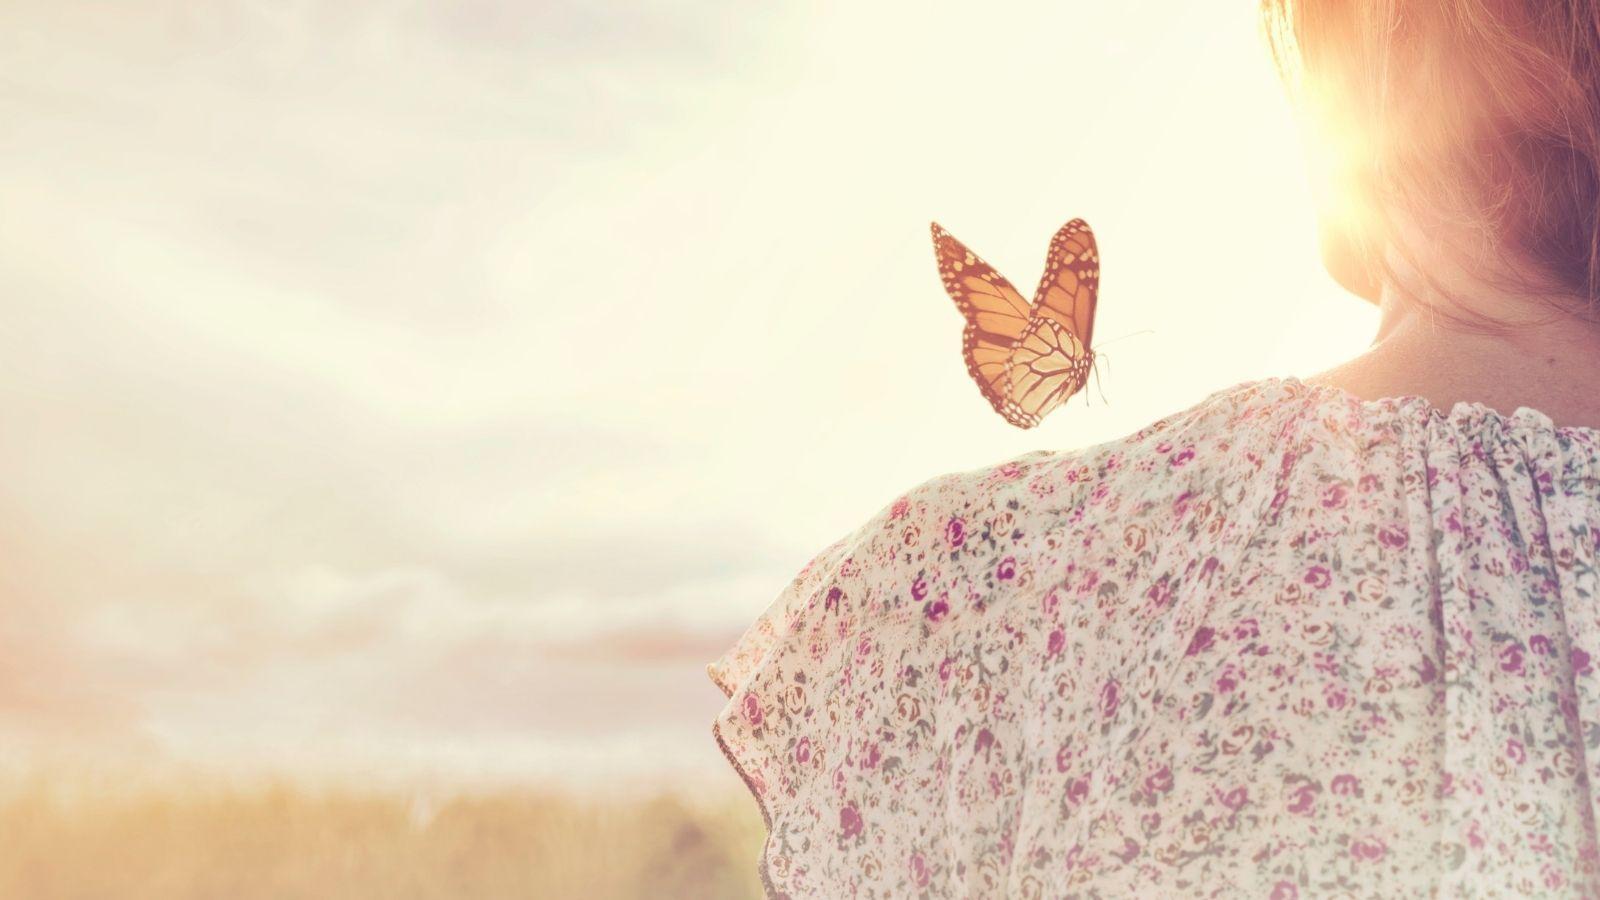 Η συνείδηση οδηγεί στο θαύμα